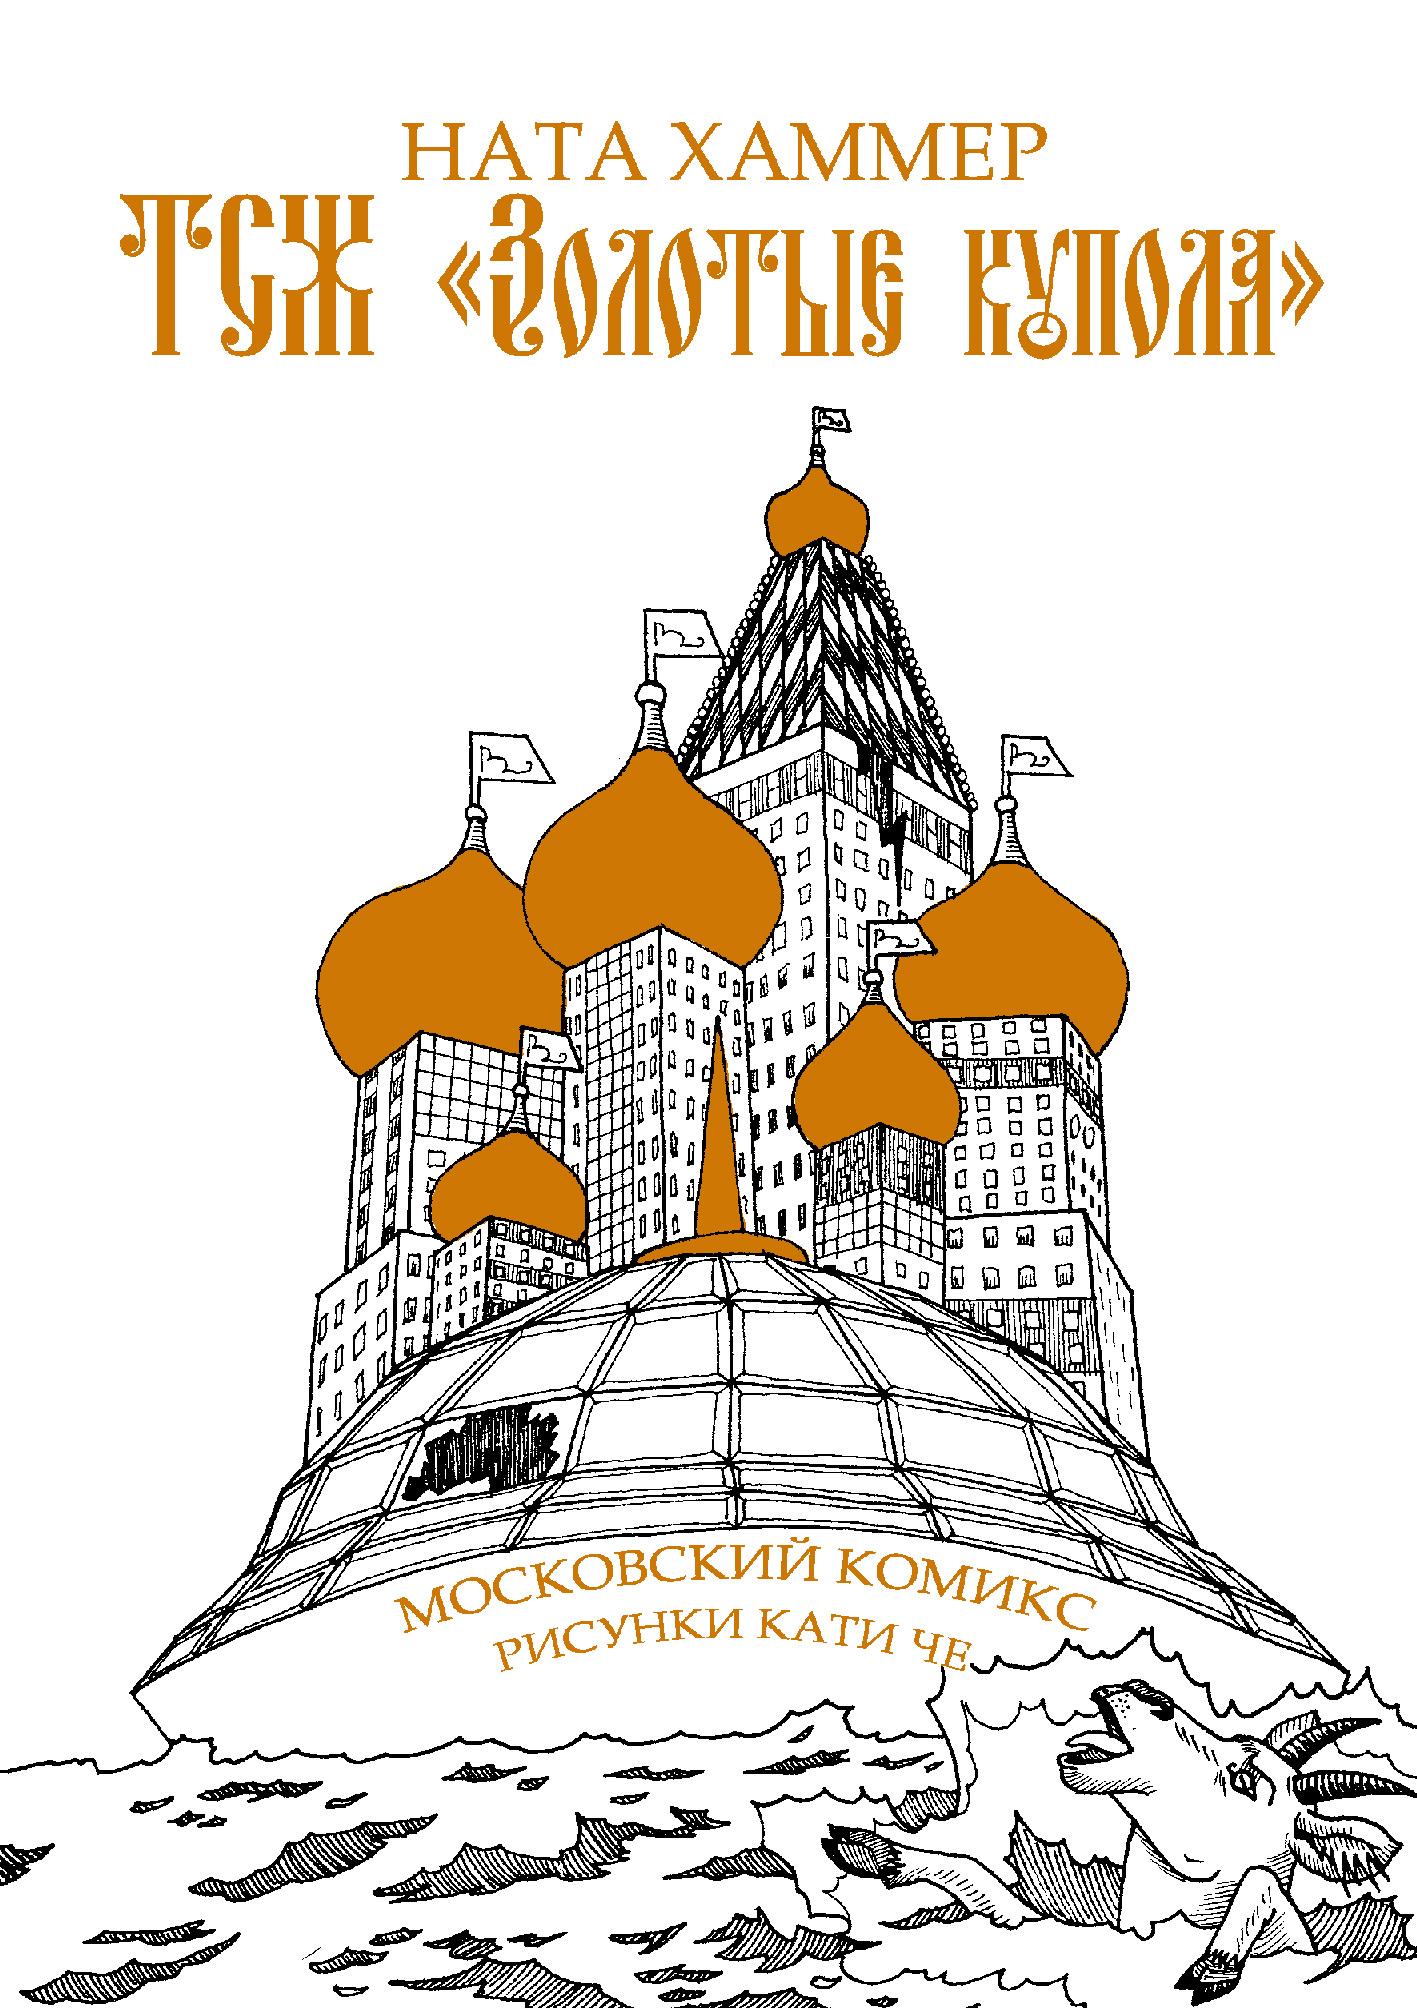 ТСЖ «Золотые купола»: Московский комикс